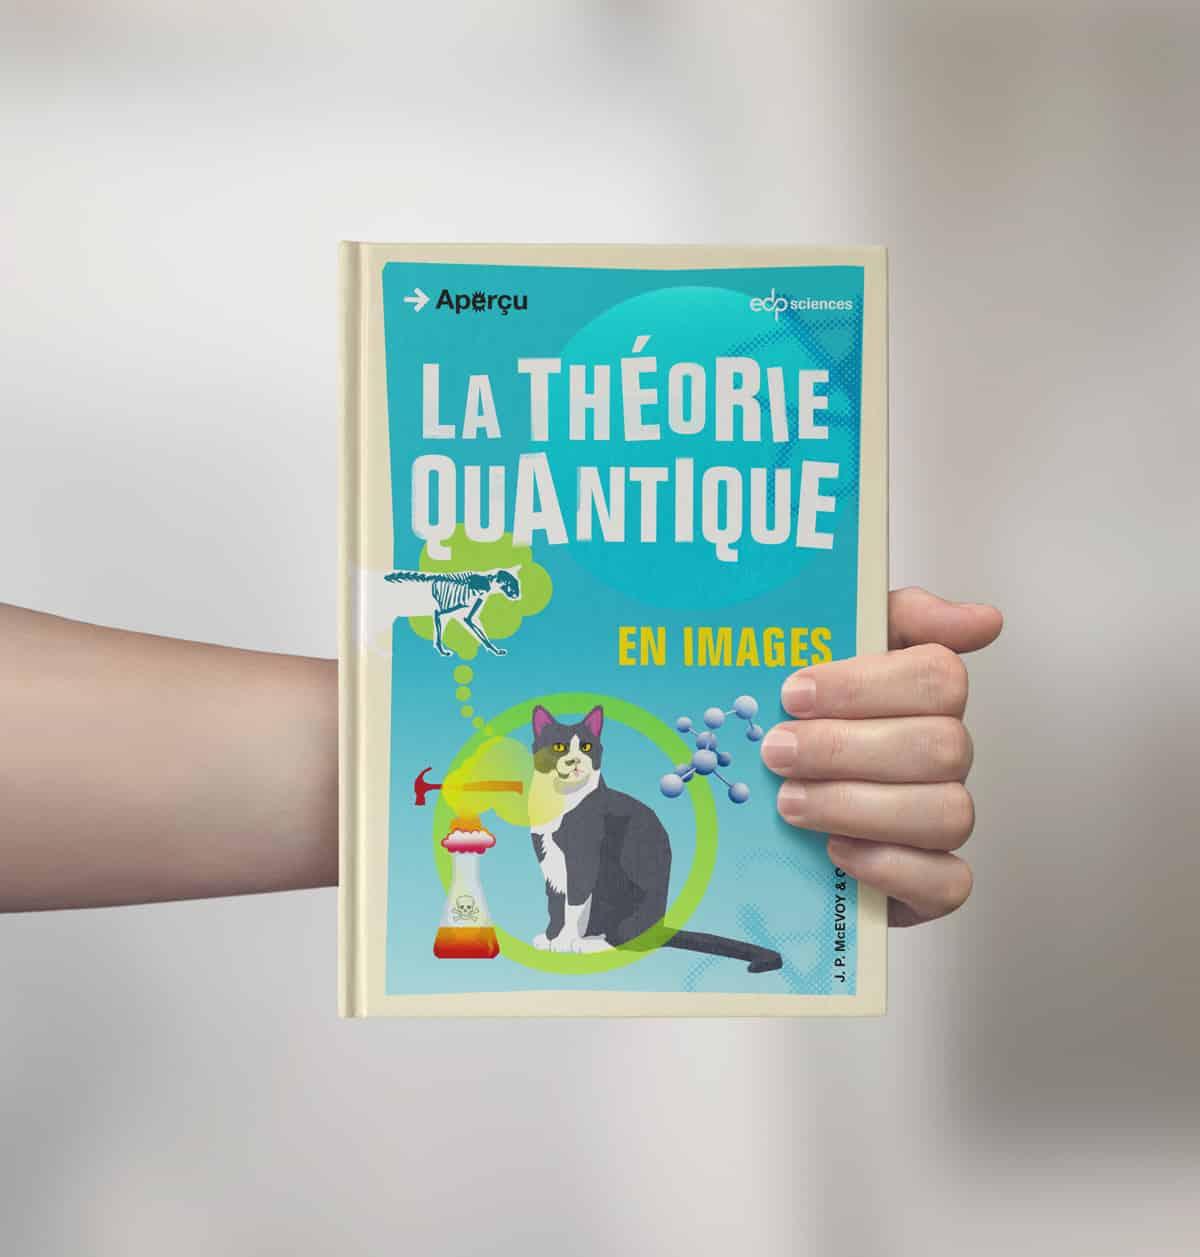 Mise en page de livre : collection Aperçu - la théorie quantique